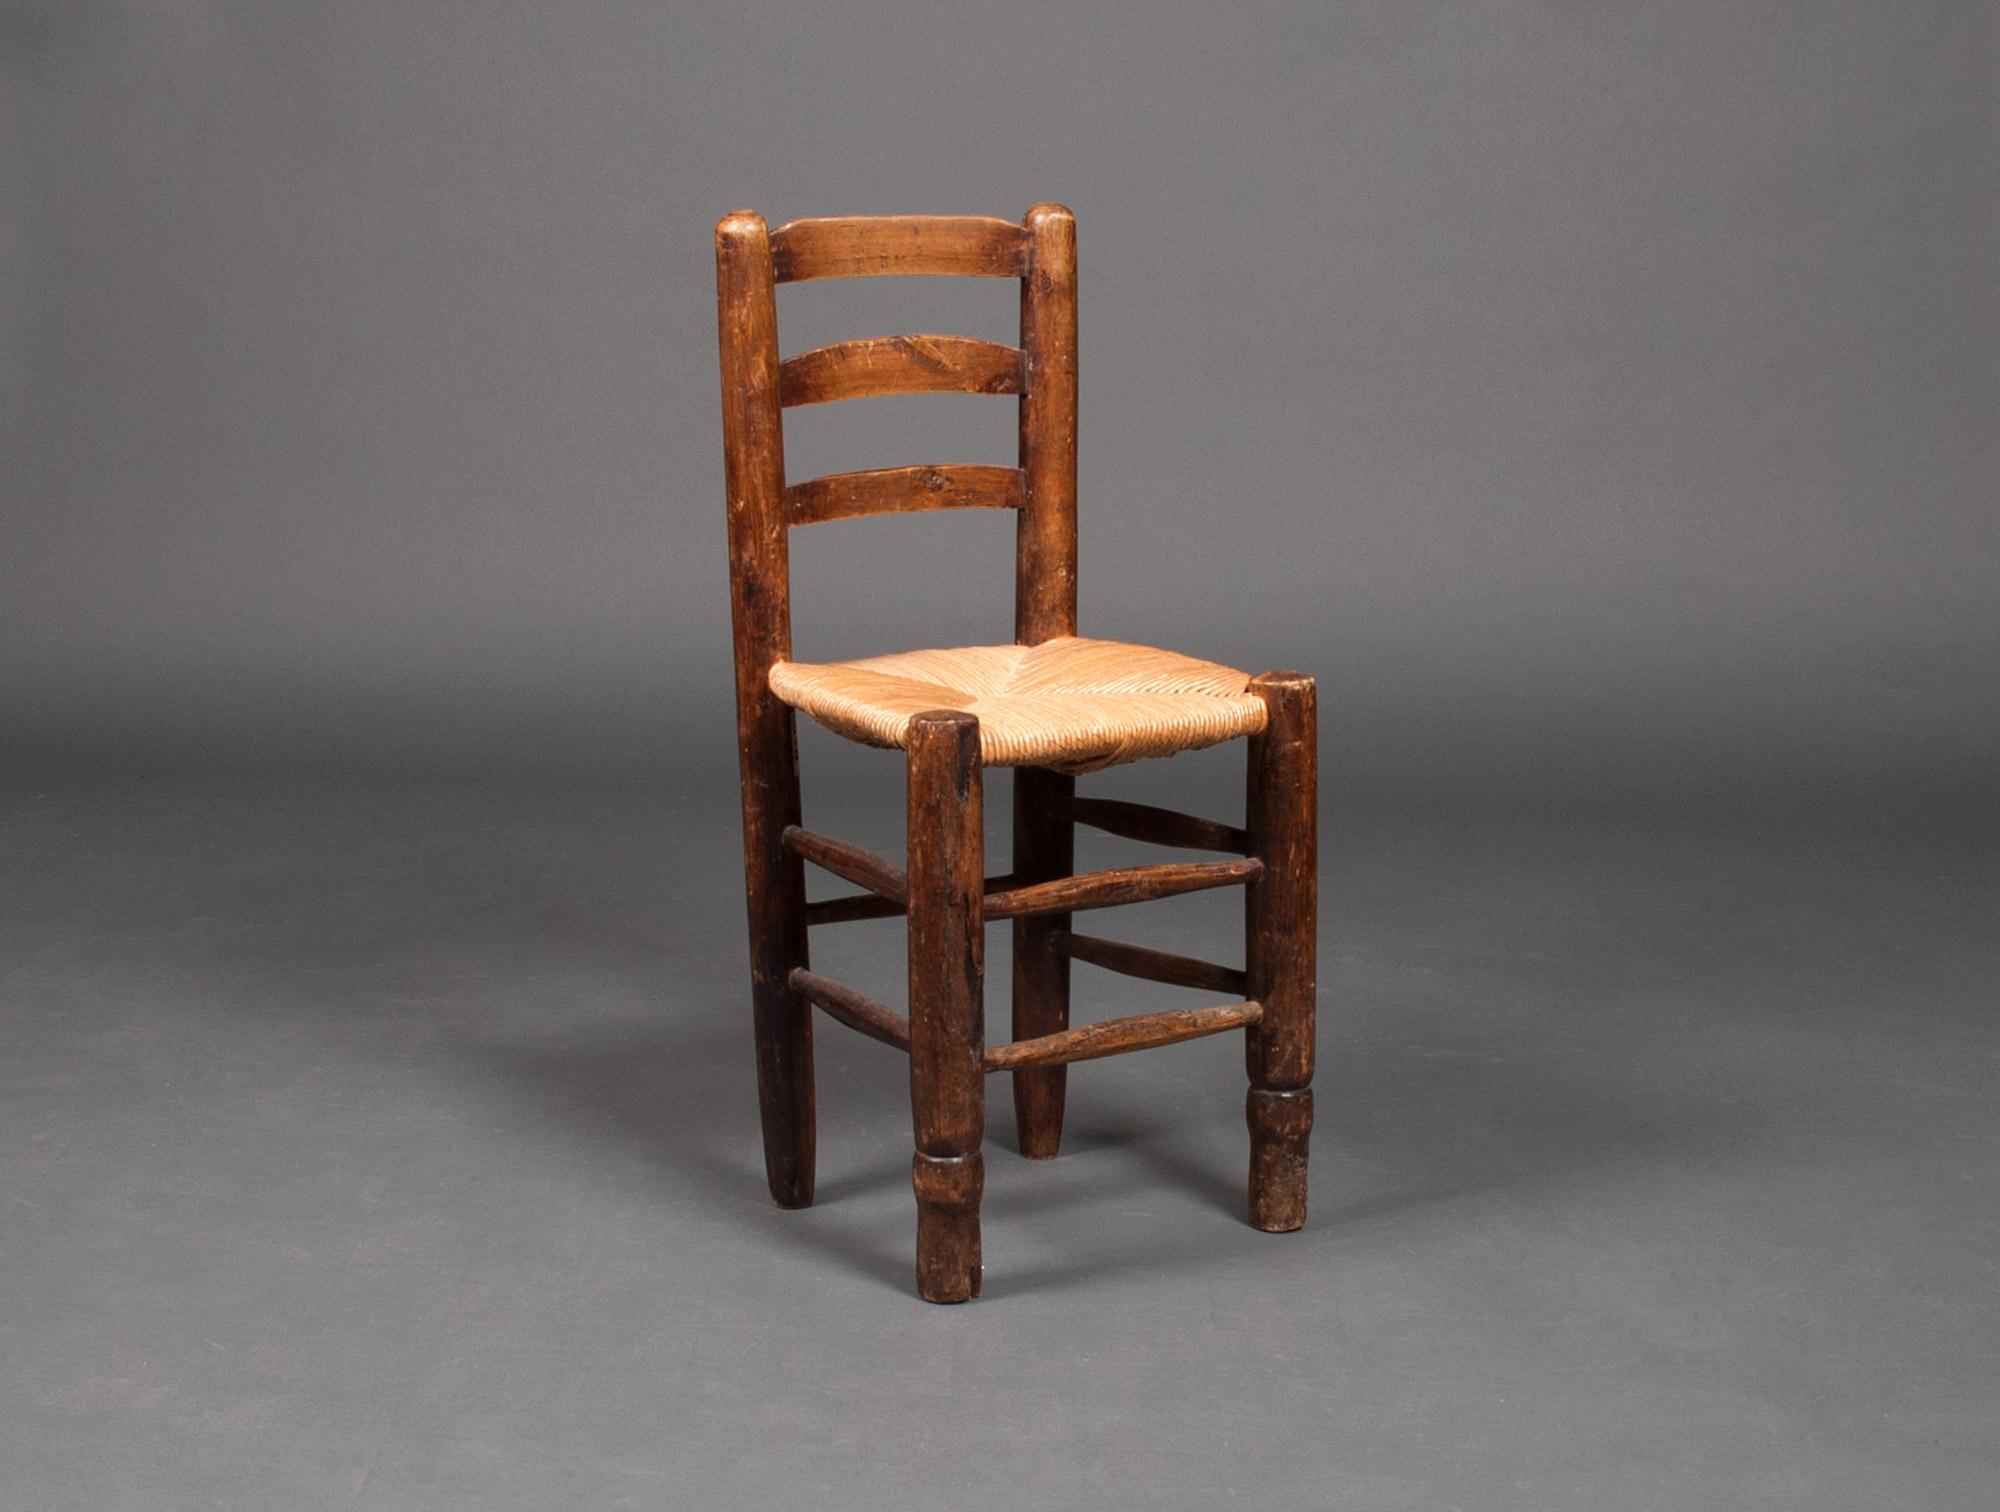 chaise d 39 glise soubrier louer si ges chaise xixe. Black Bedroom Furniture Sets. Home Design Ideas